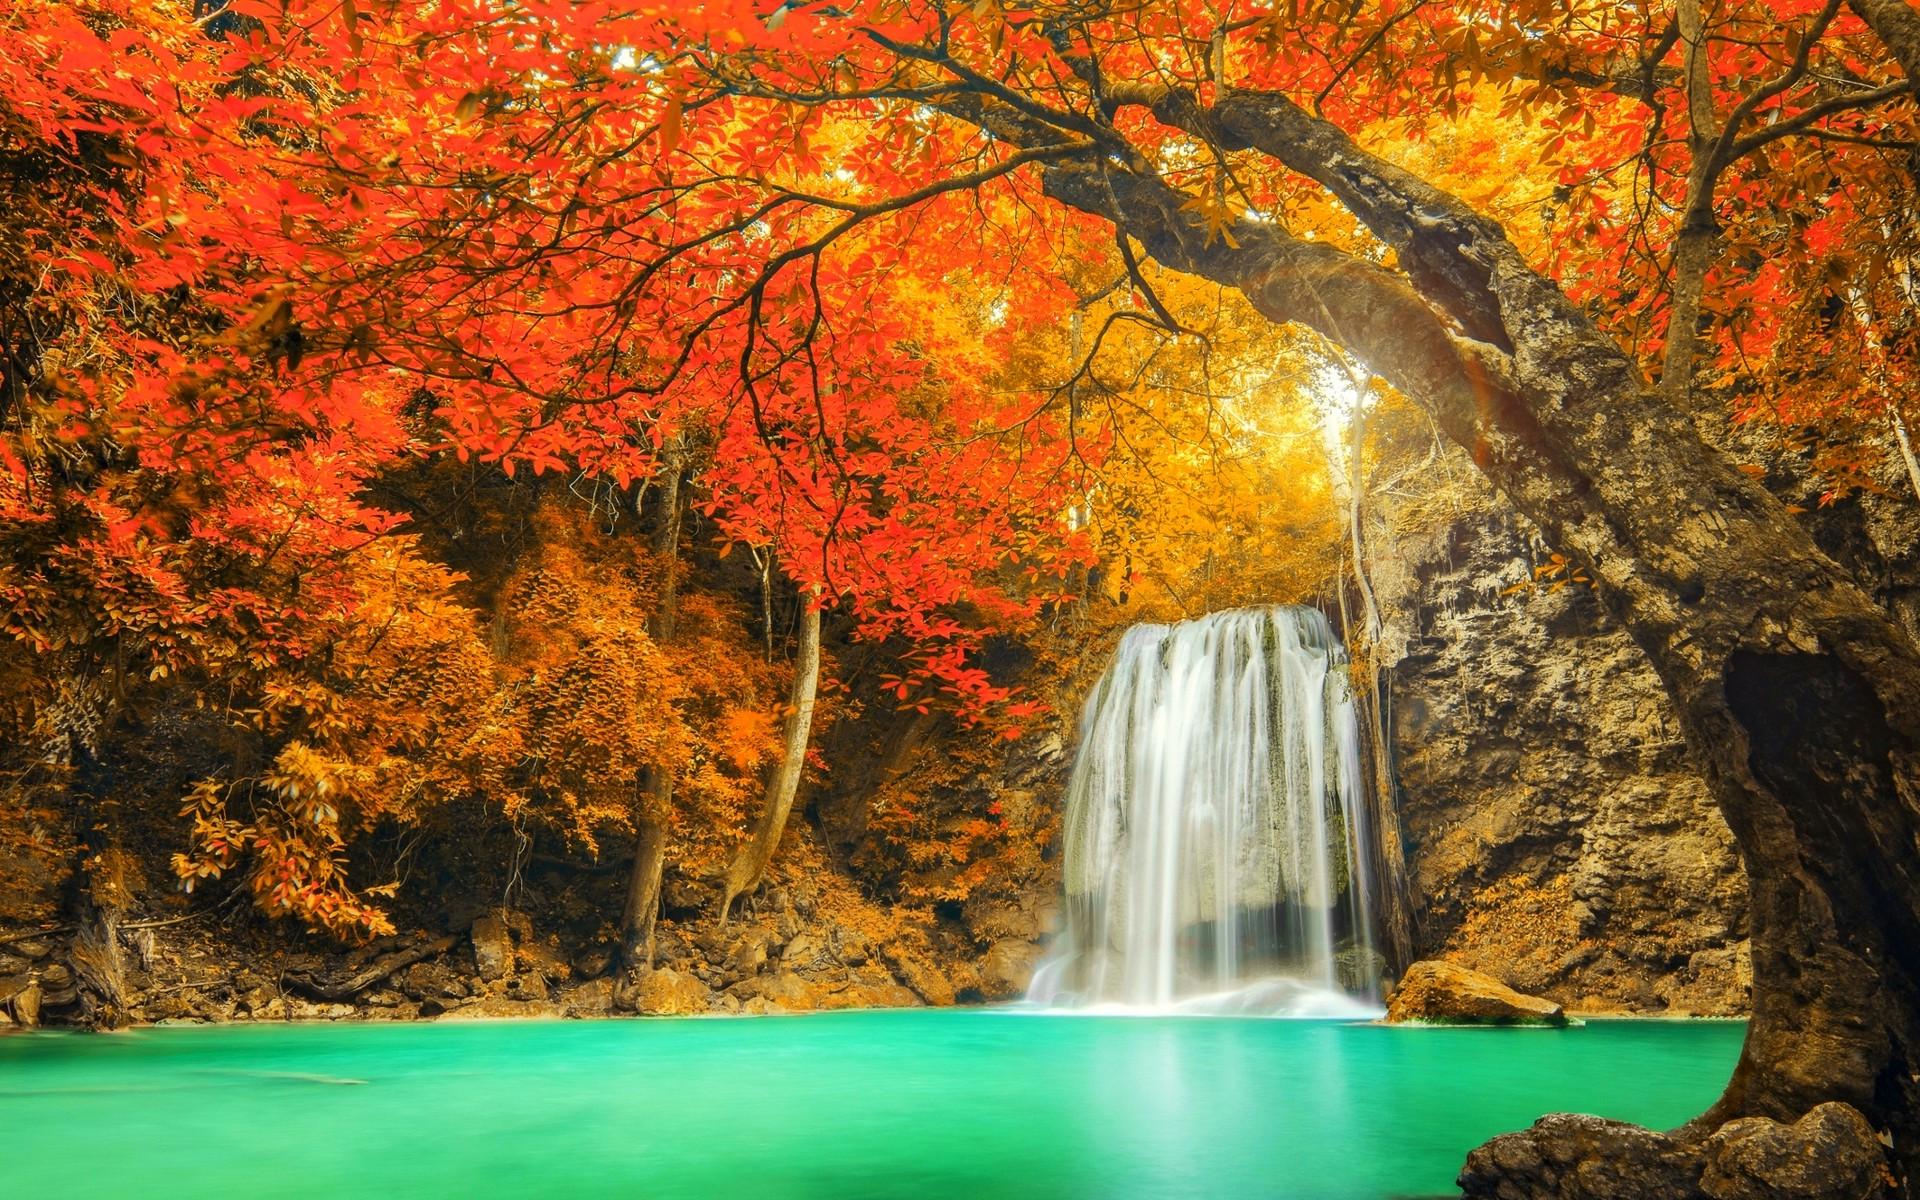 デスクトップ壁紙 1920x1200 Px カラフル 秋 風景 自然 赤